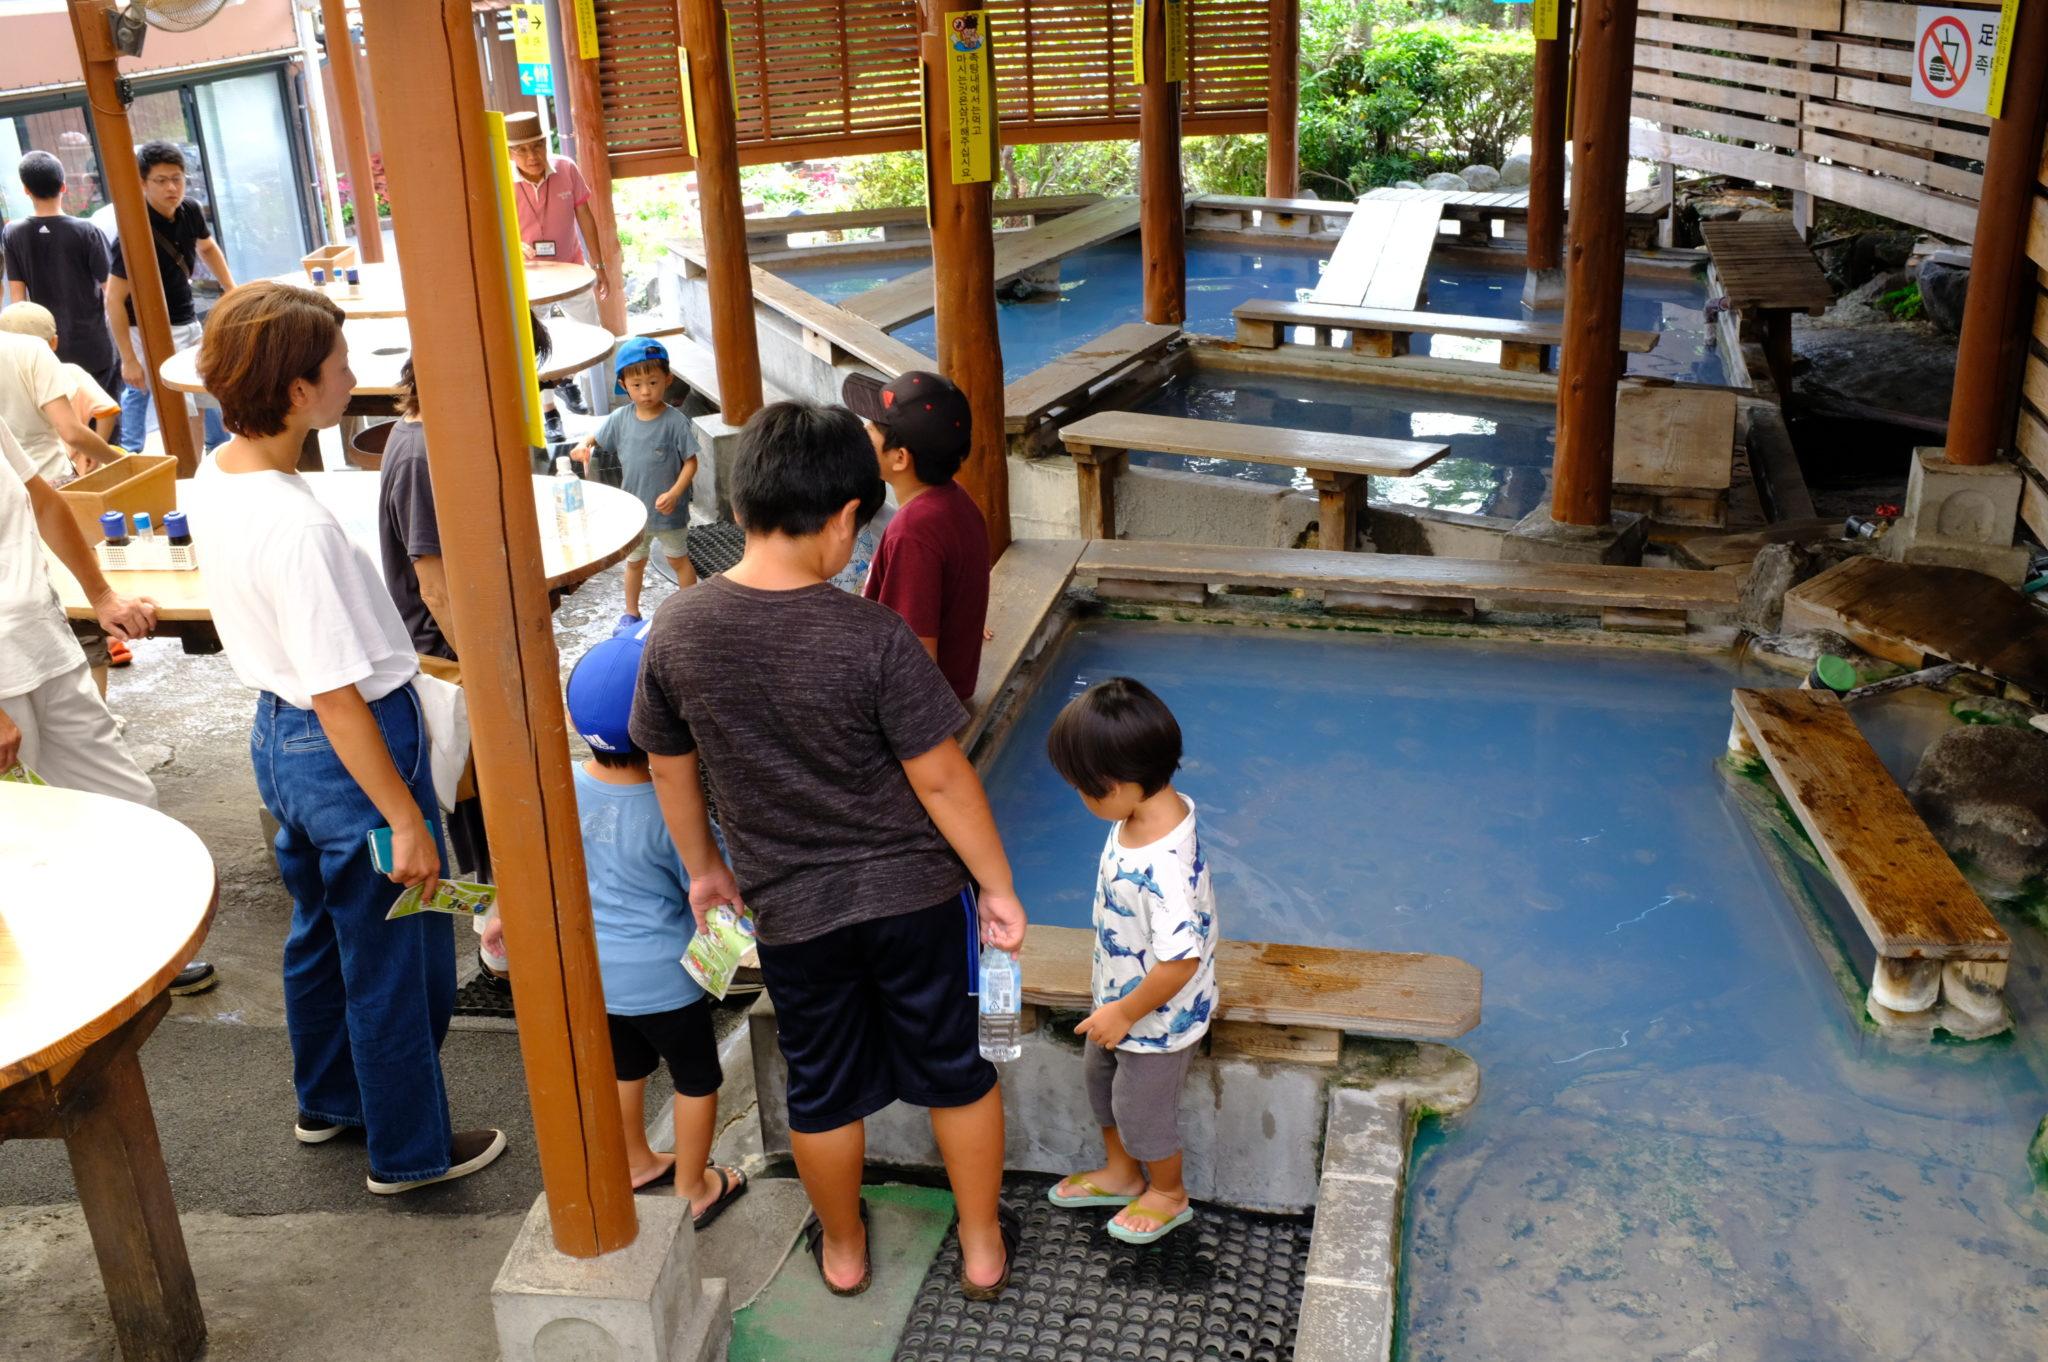 Fußbad für die Kinder